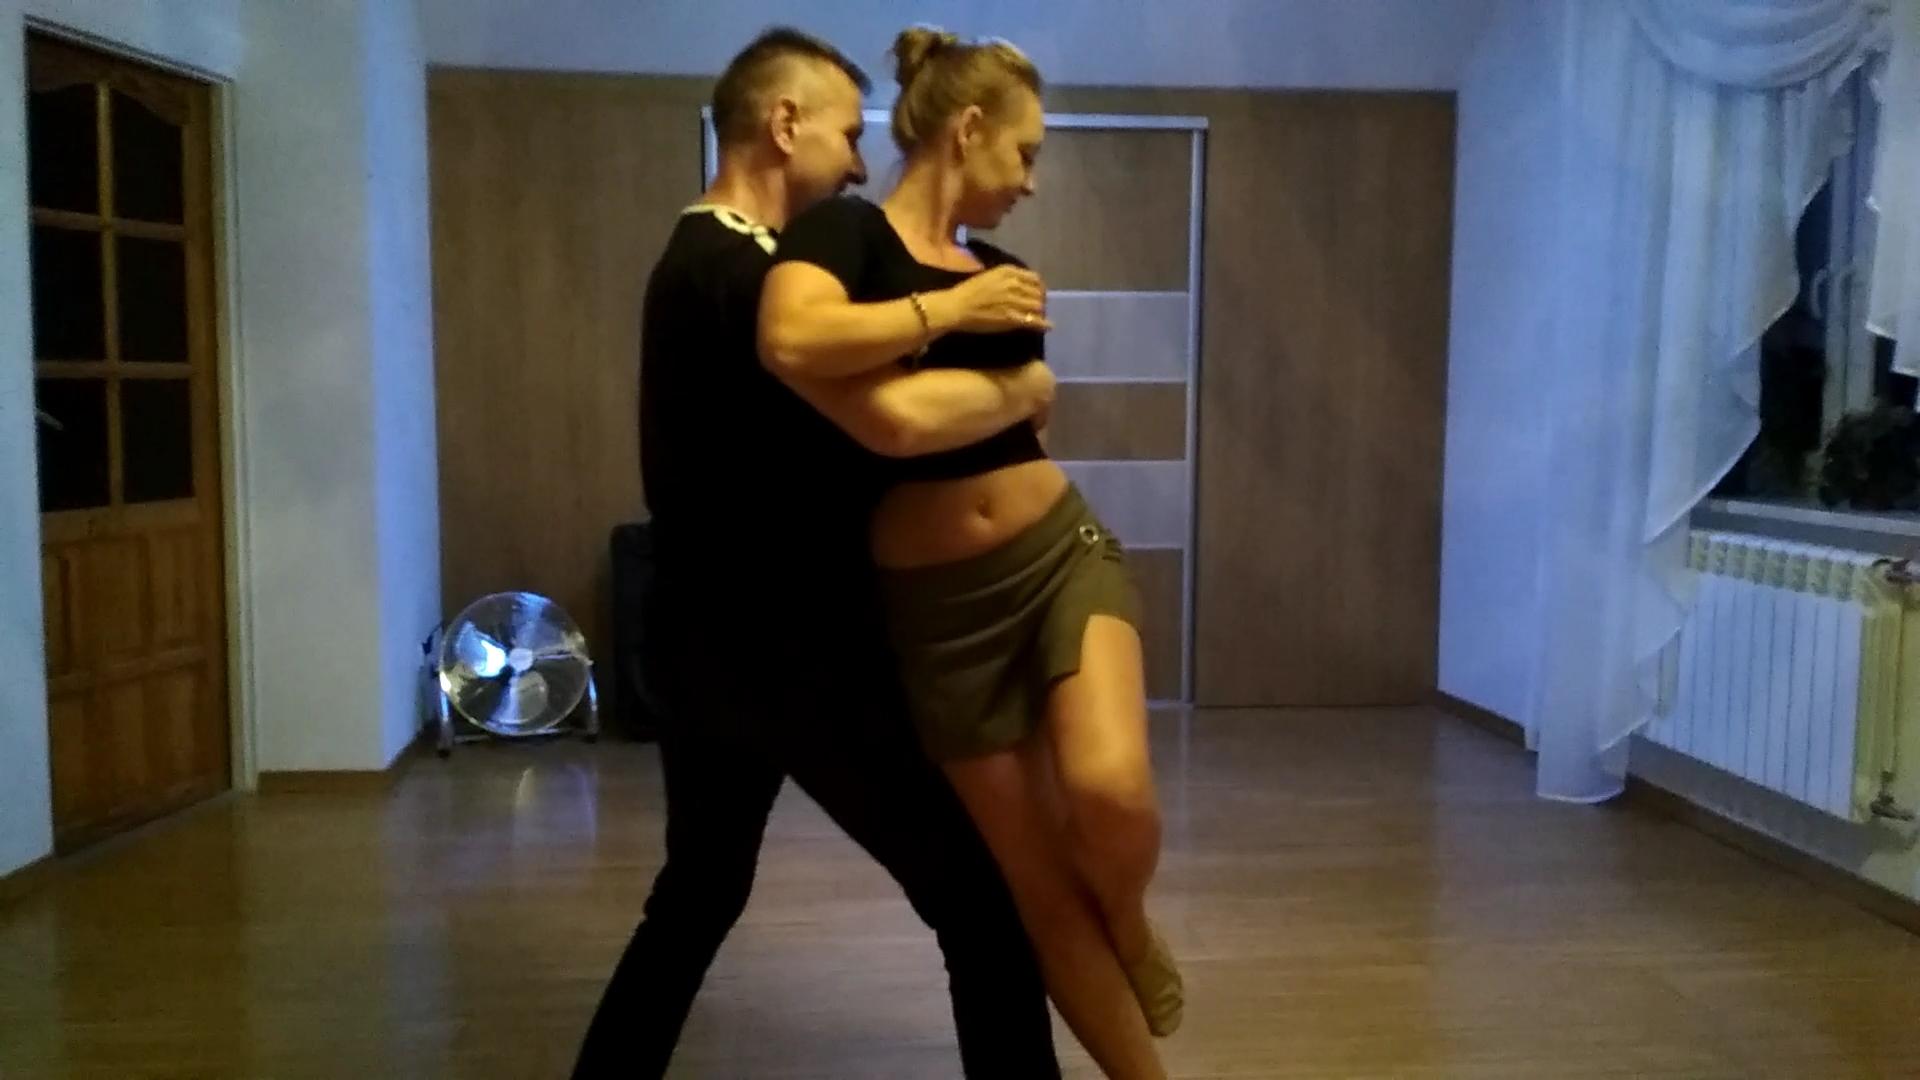 Dlaczego faceci nie chcą tańczyć?